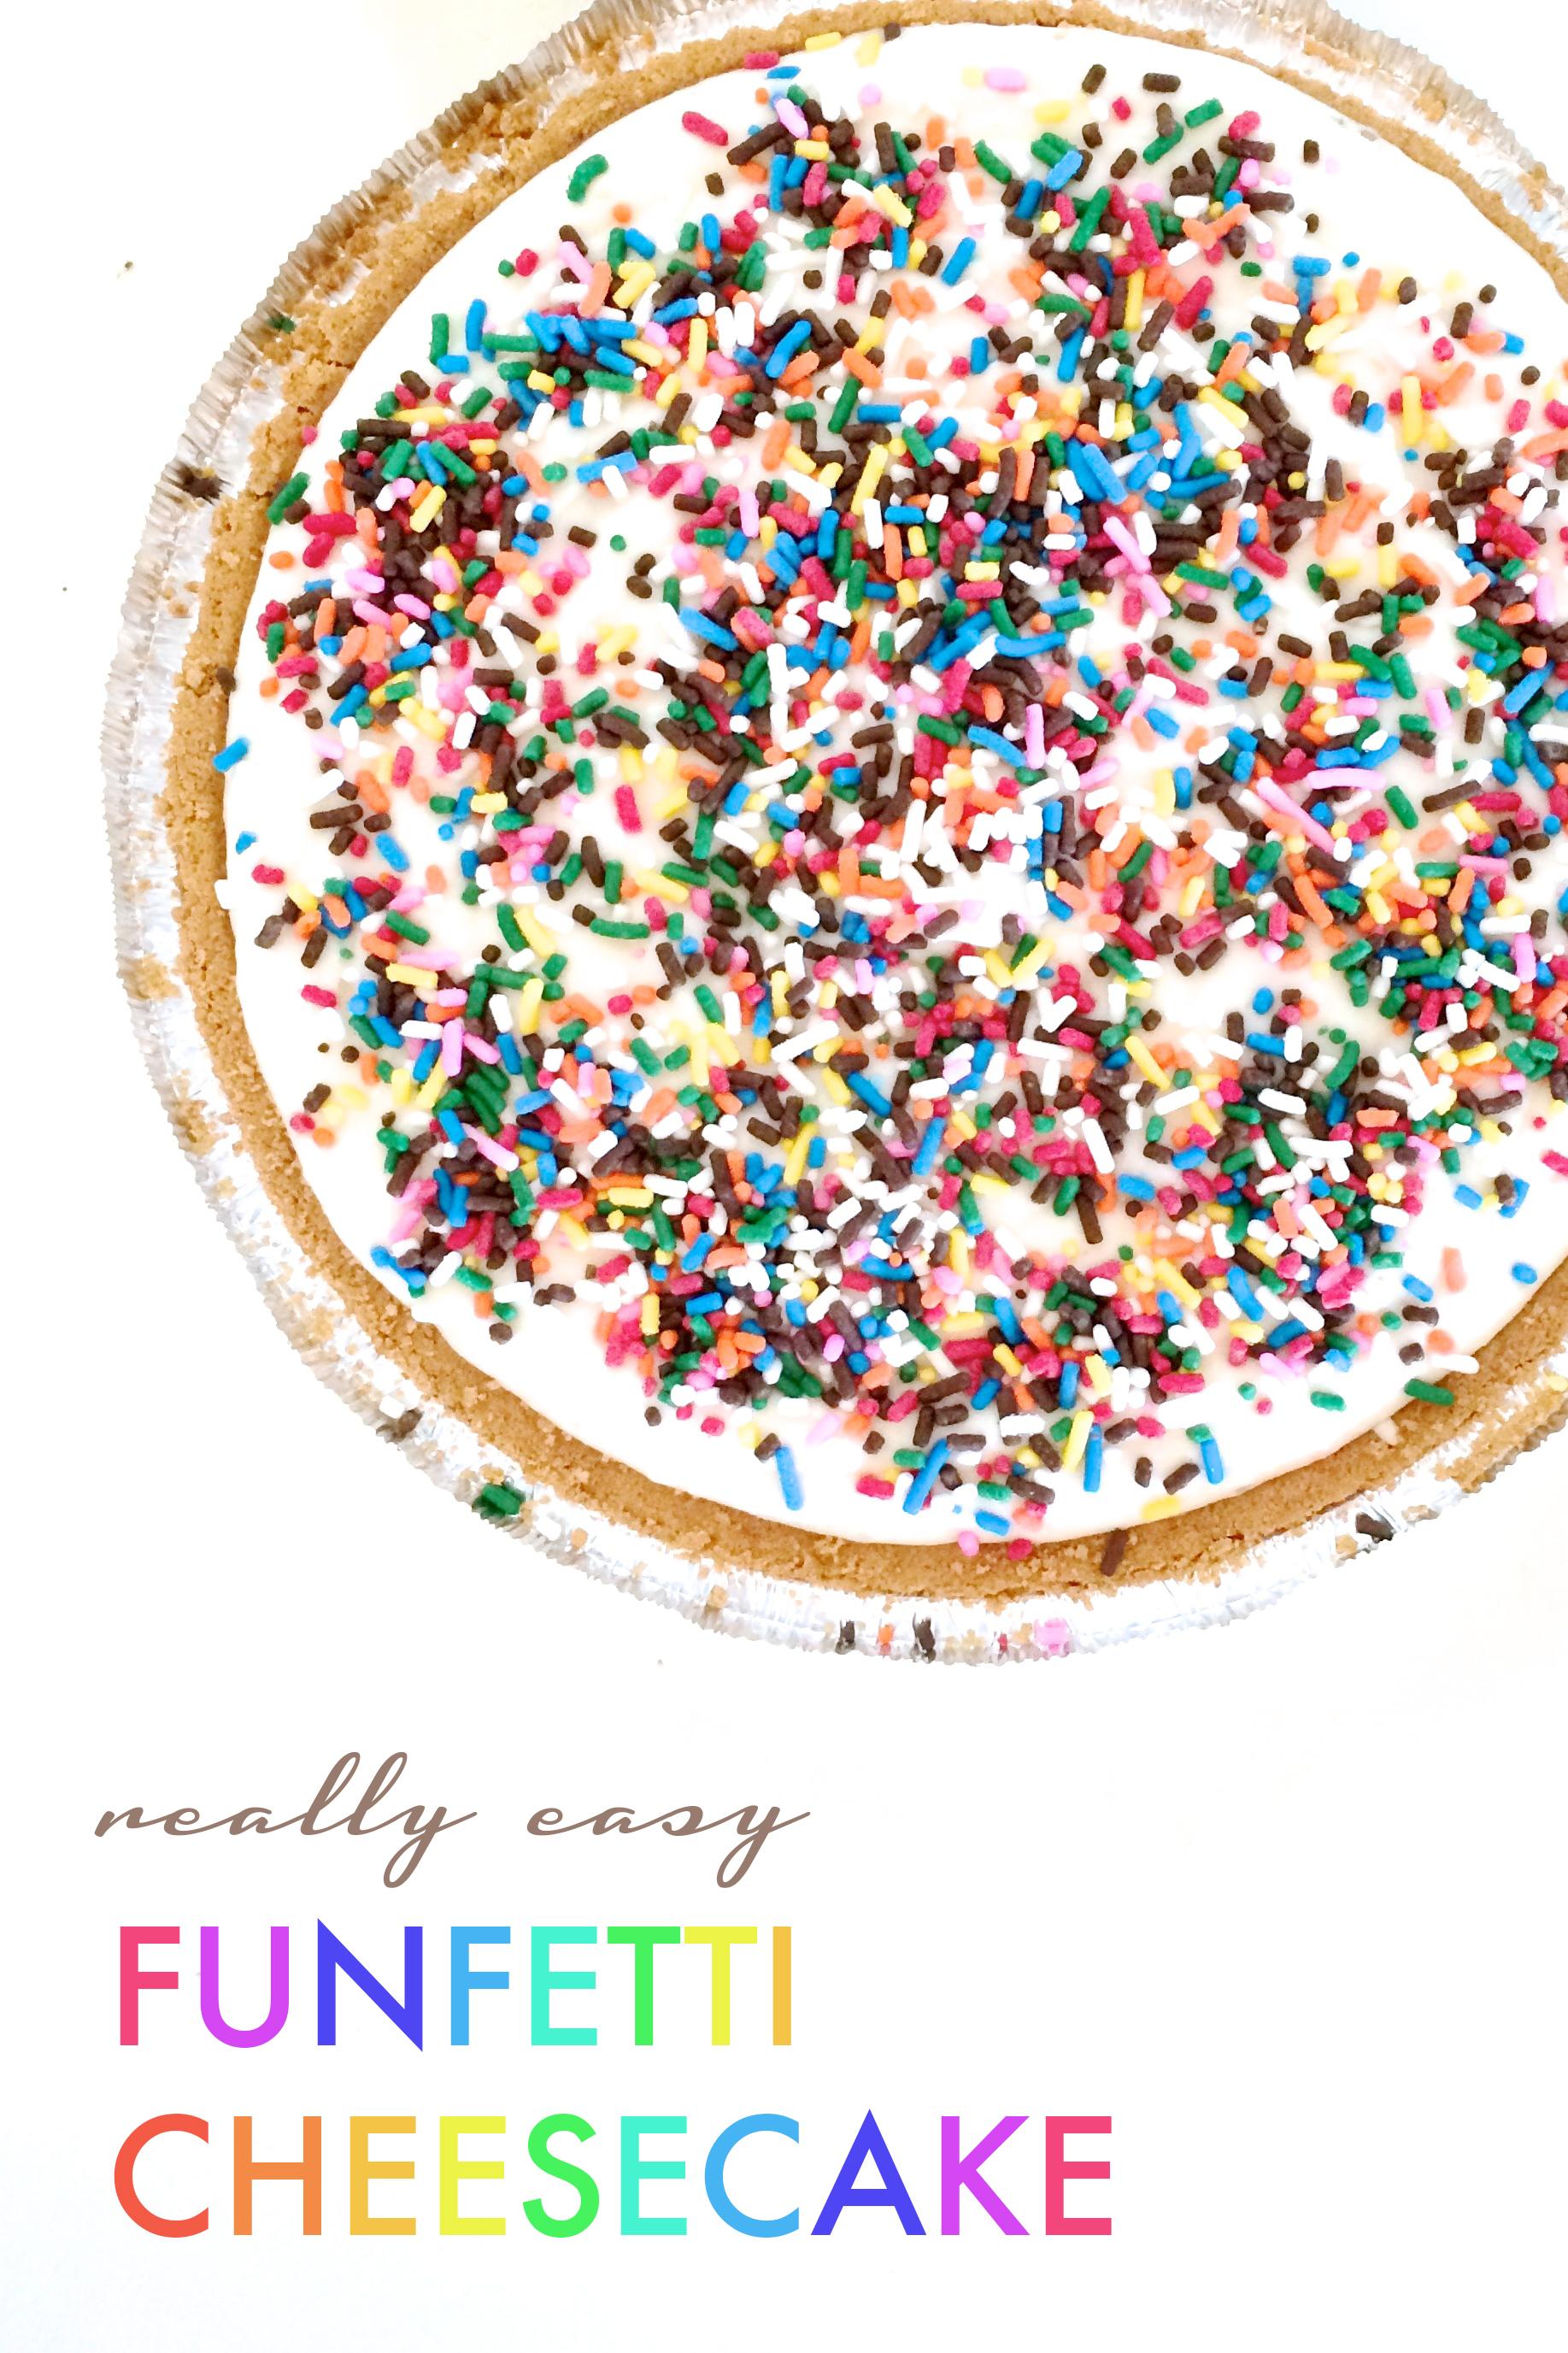 Funfetti Cheesecake Recipe from Delish